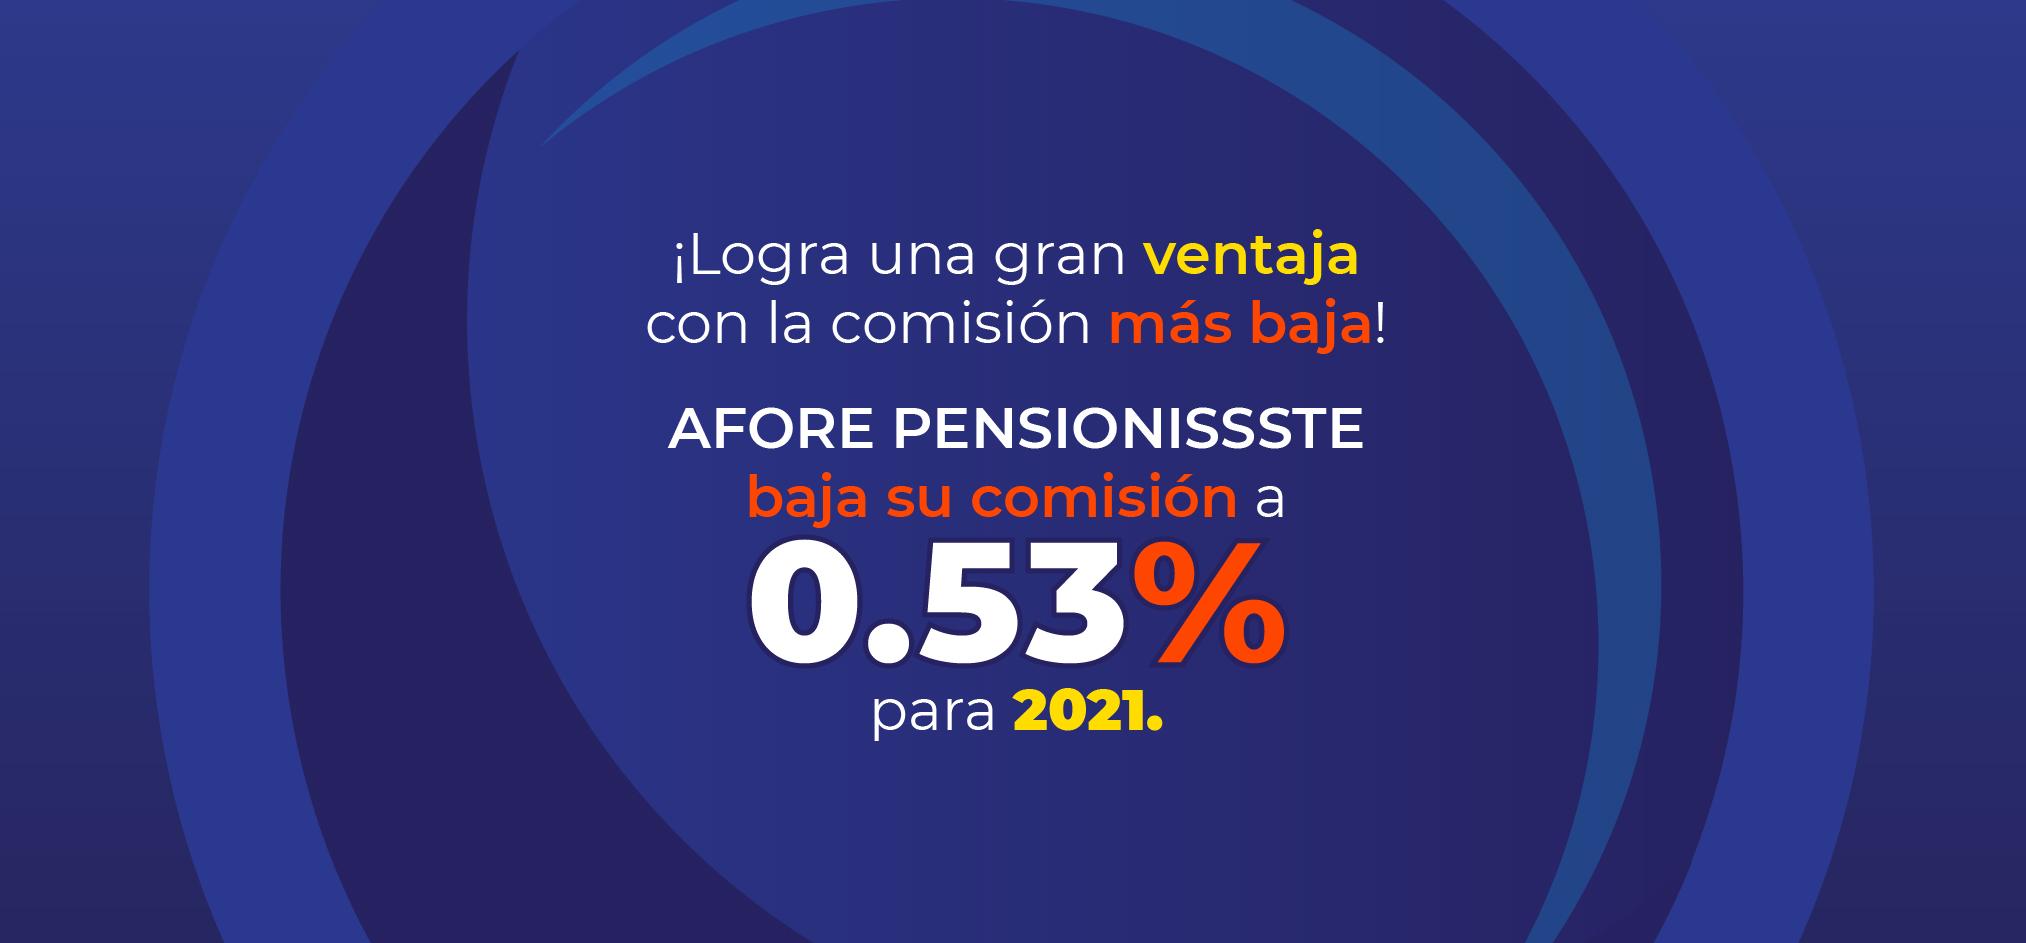 Blog AFORE PENSIONISSSTE baja su comisión a 0.53% en 2021